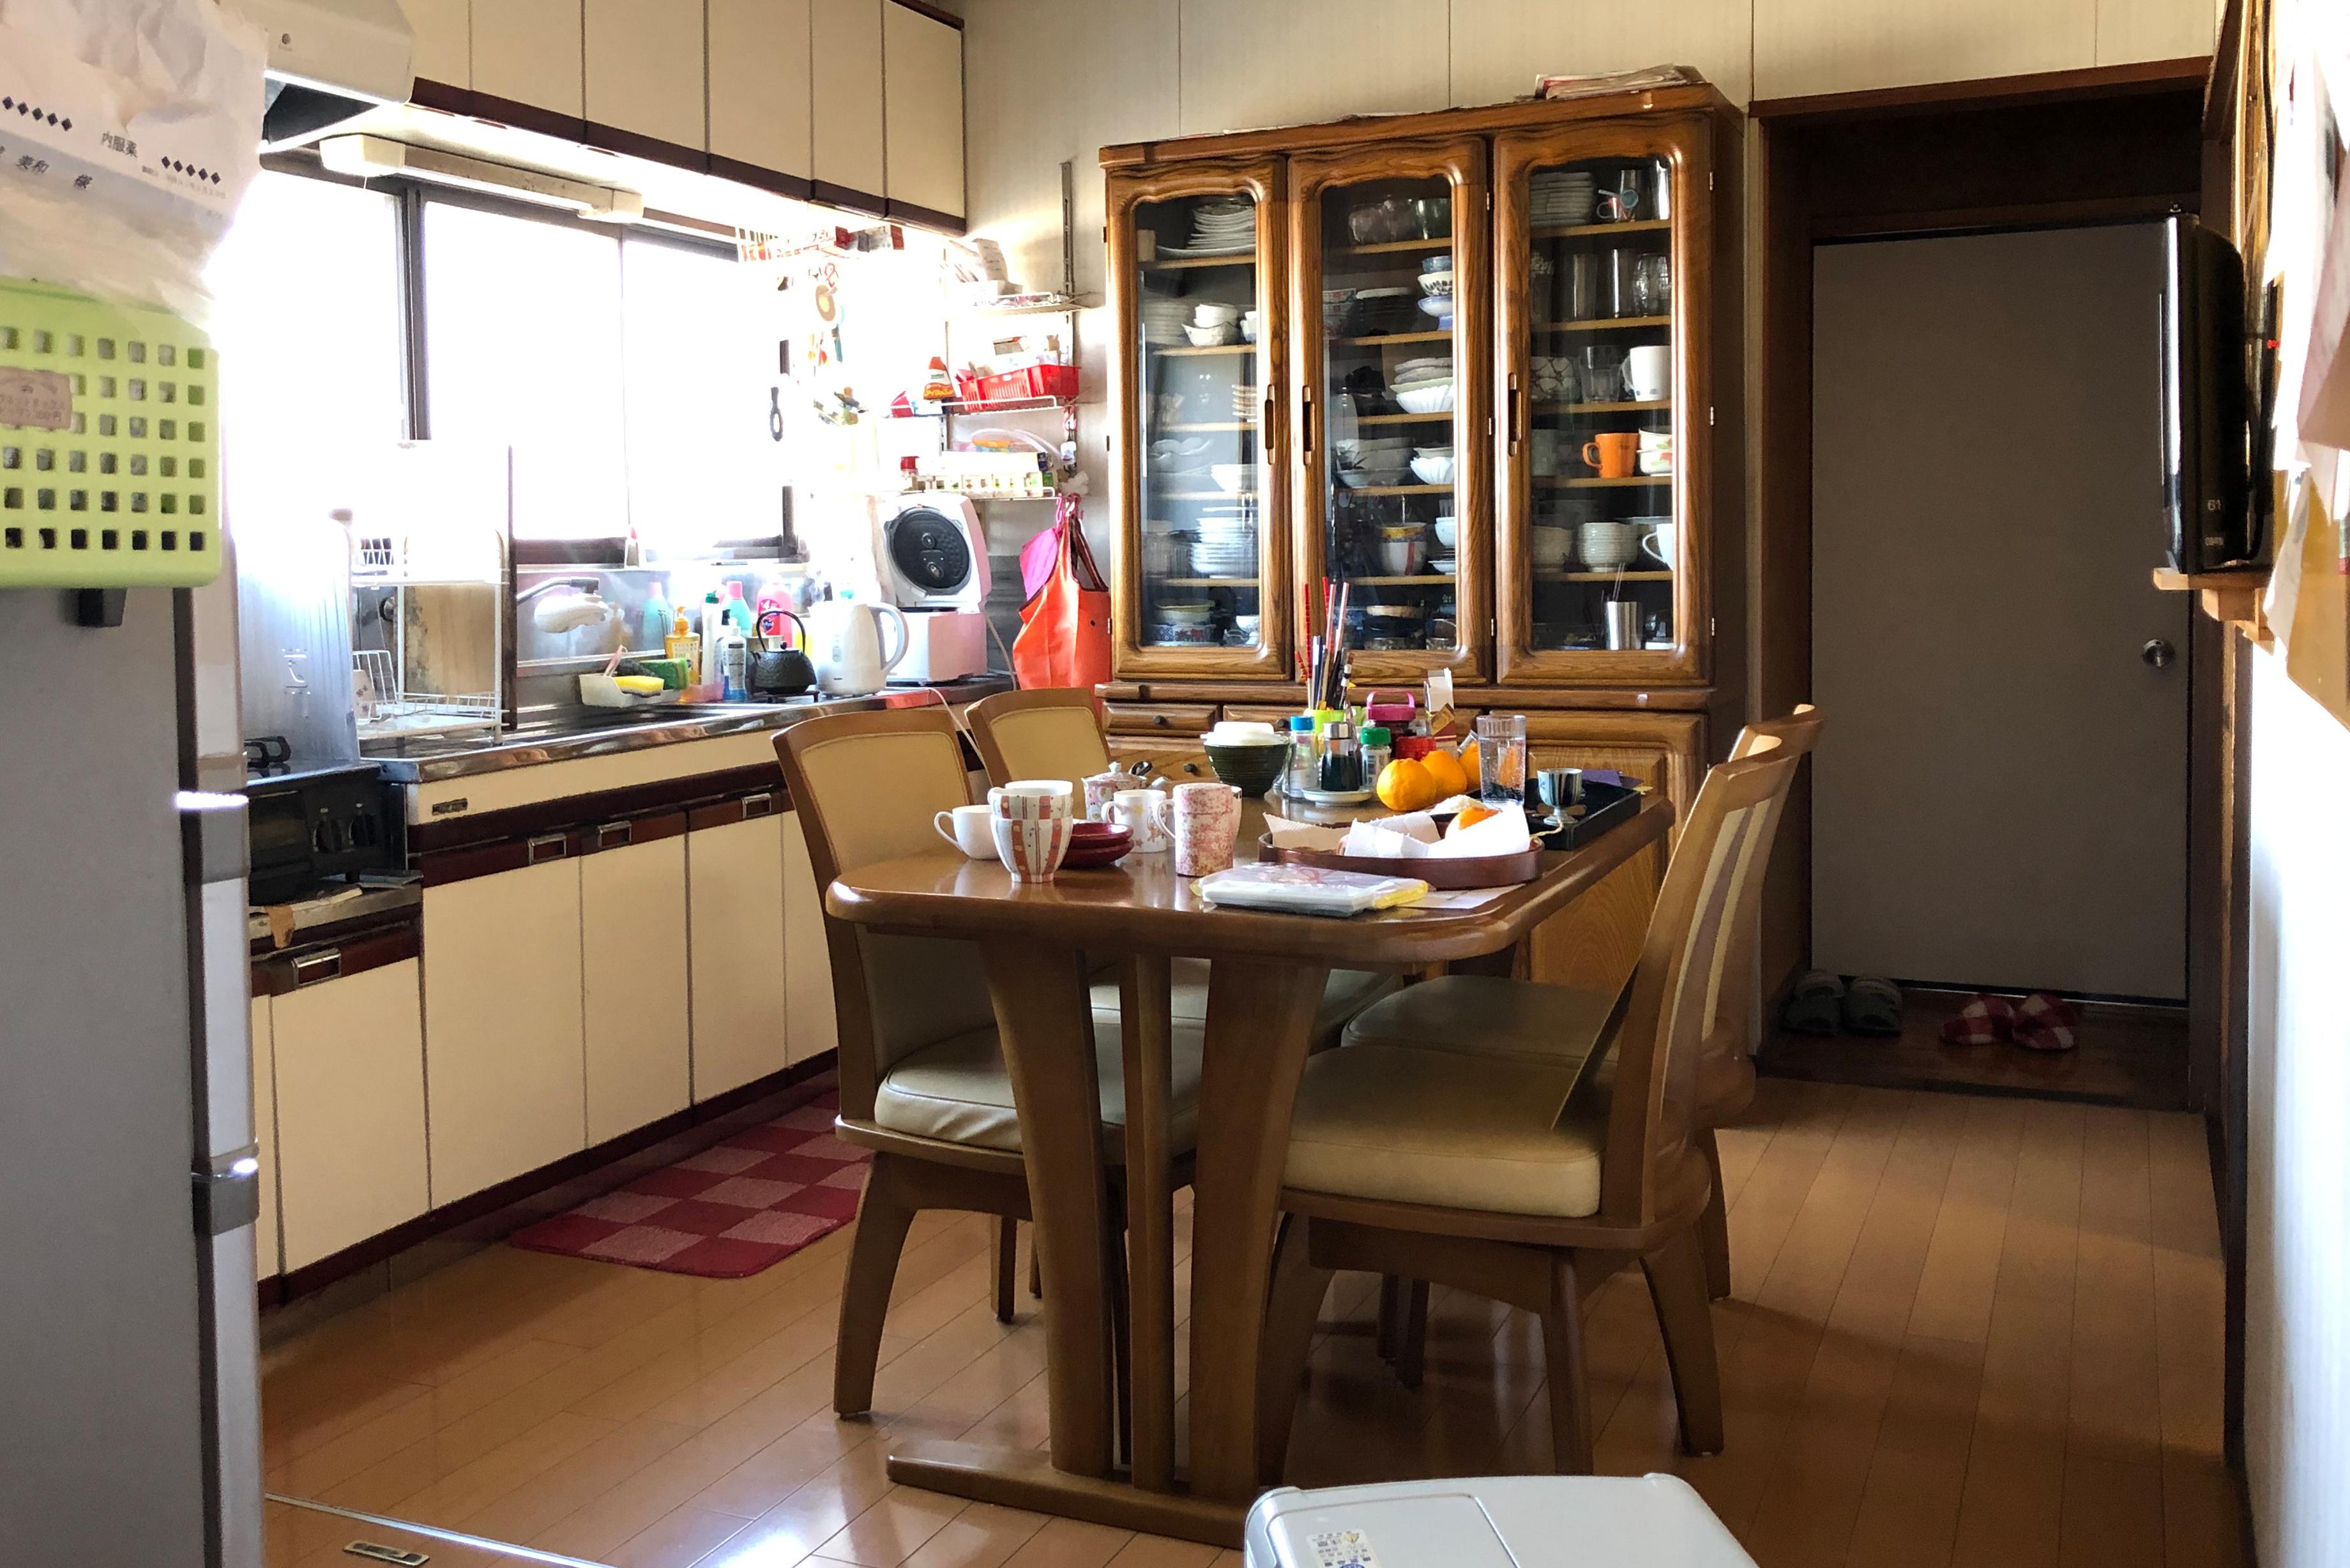 市 キッチン リフォーム 石巻 石巻市(宮城県)『キッチン 水漏れ・つまり』お問合せ可能な工務店